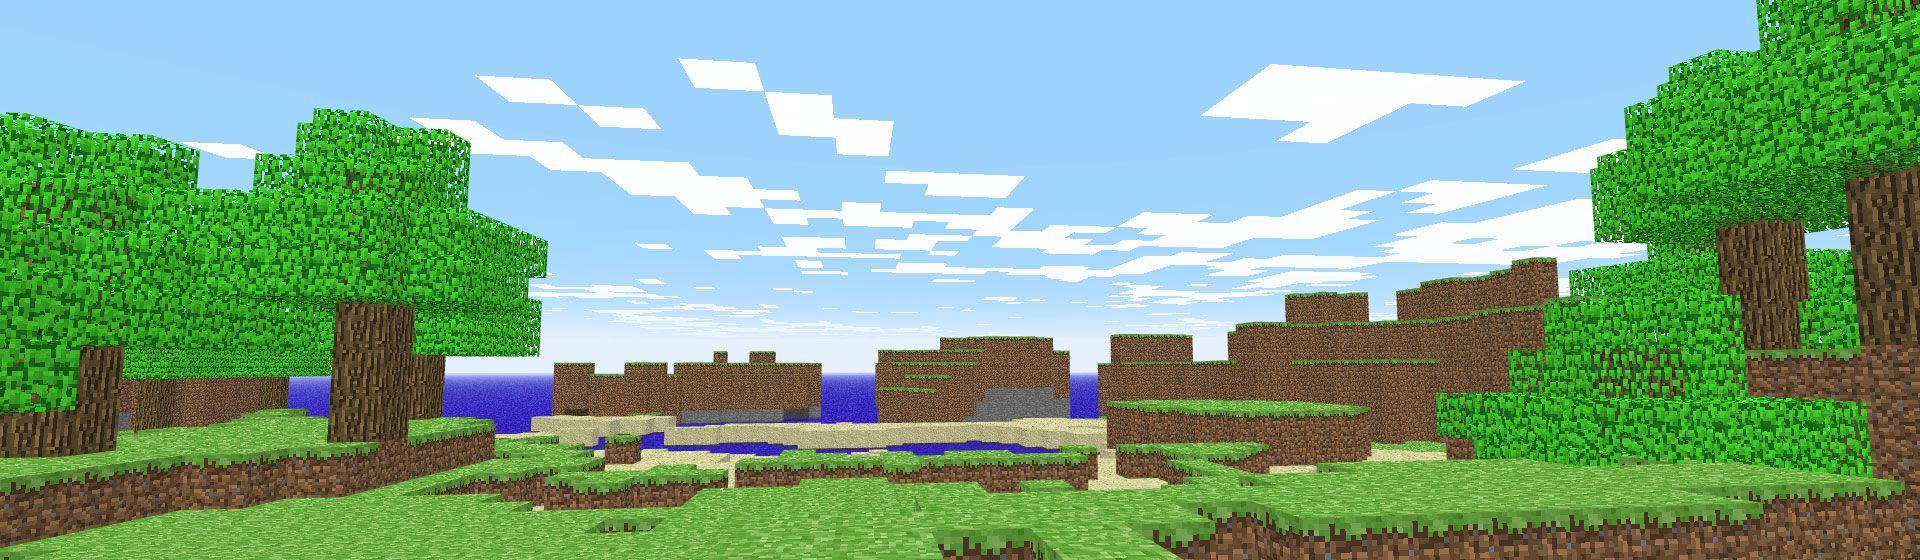 Minecraft Classic: como jogar o game gratuitamente no PC ou notebook